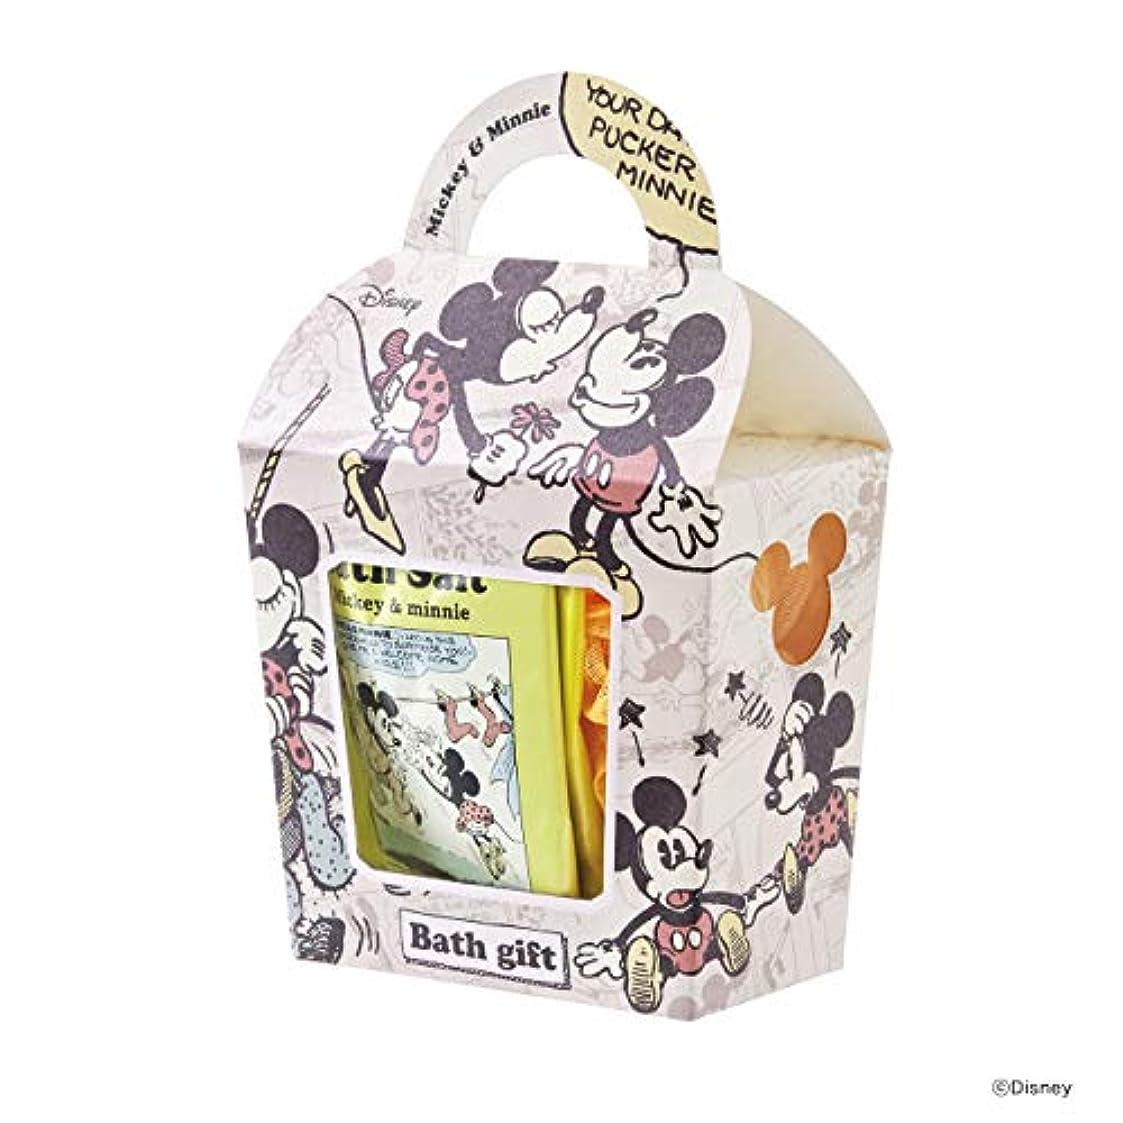 属性エネルギー温室ミッキーデザインコレクション01バスギフトイエロー